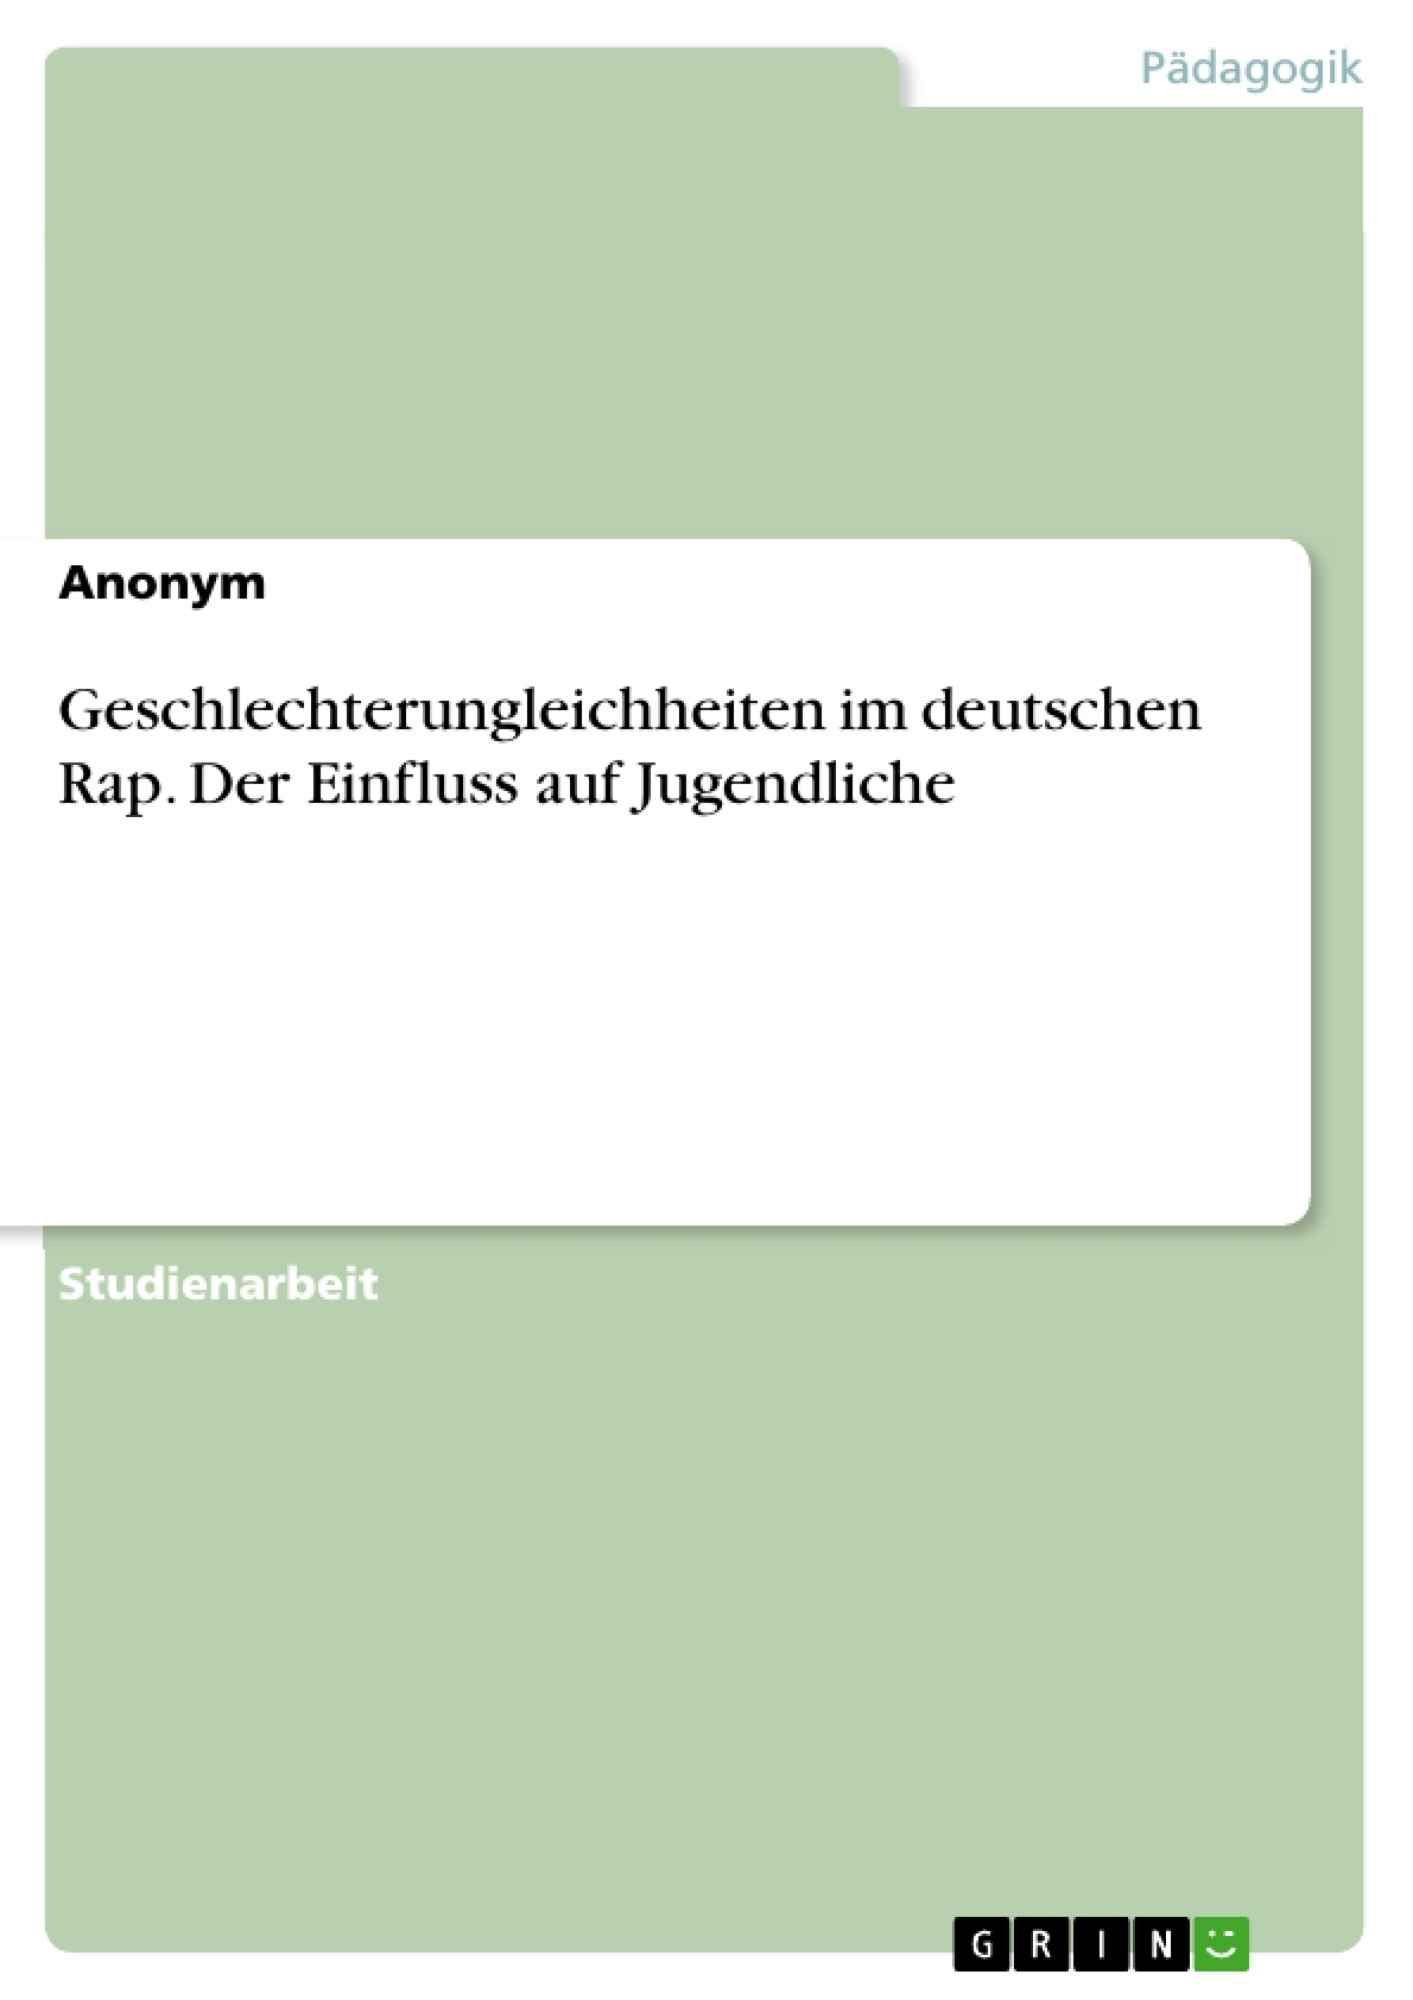 Titel: Geschlechterungleichheiten im deutschen Rap. Der Einfluss auf Jugendliche